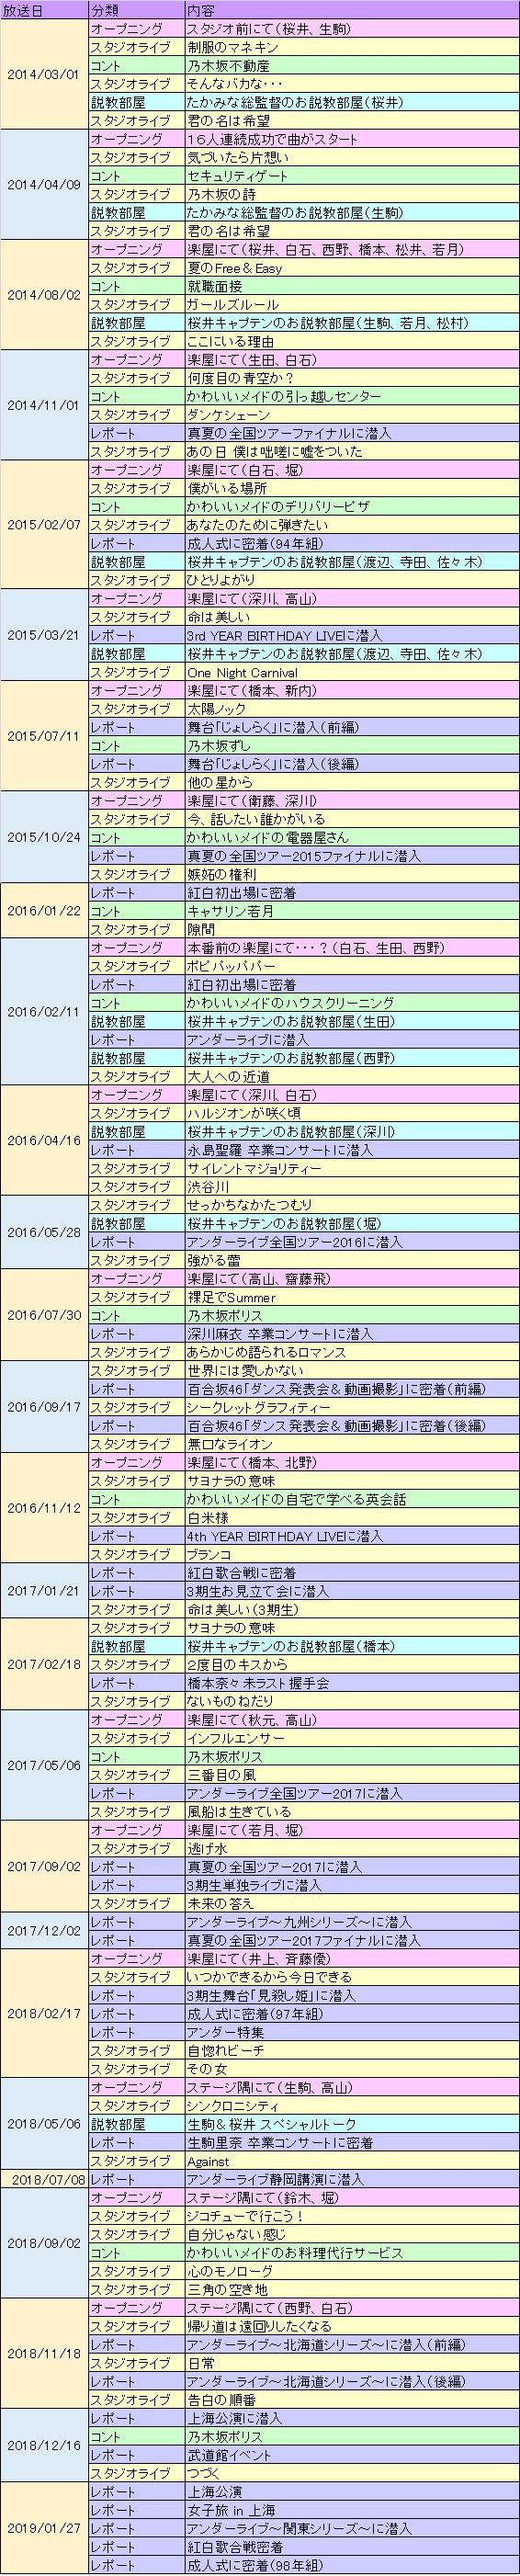 「乃木坂46SHOW!」内容一覧